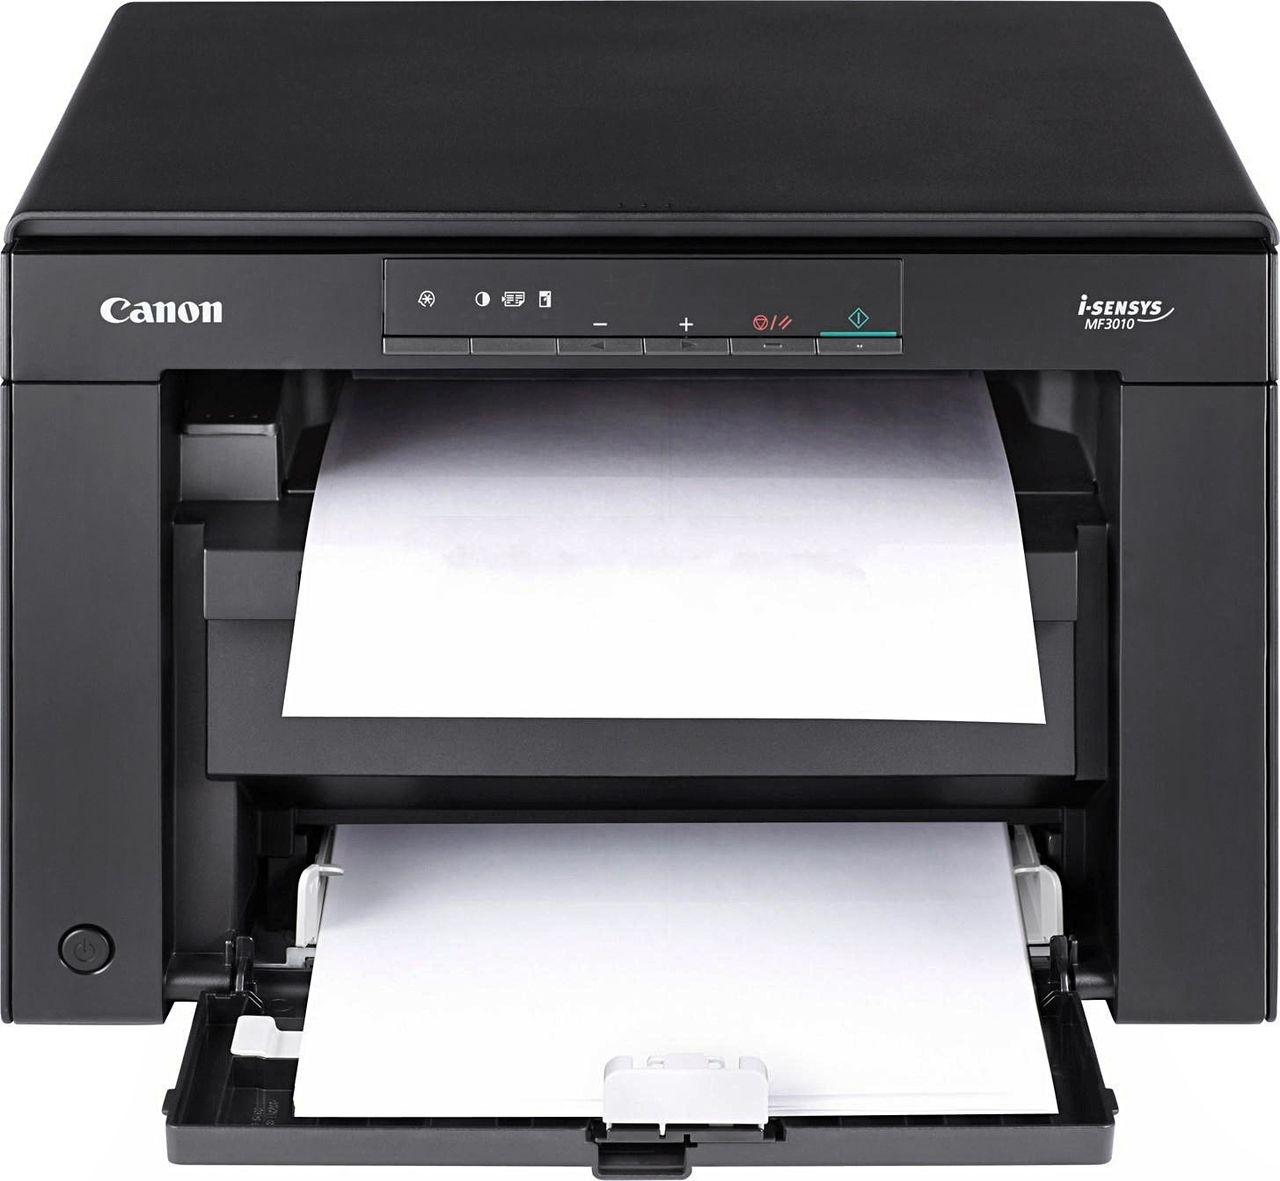 принтер печатает темные картинки загородном доме